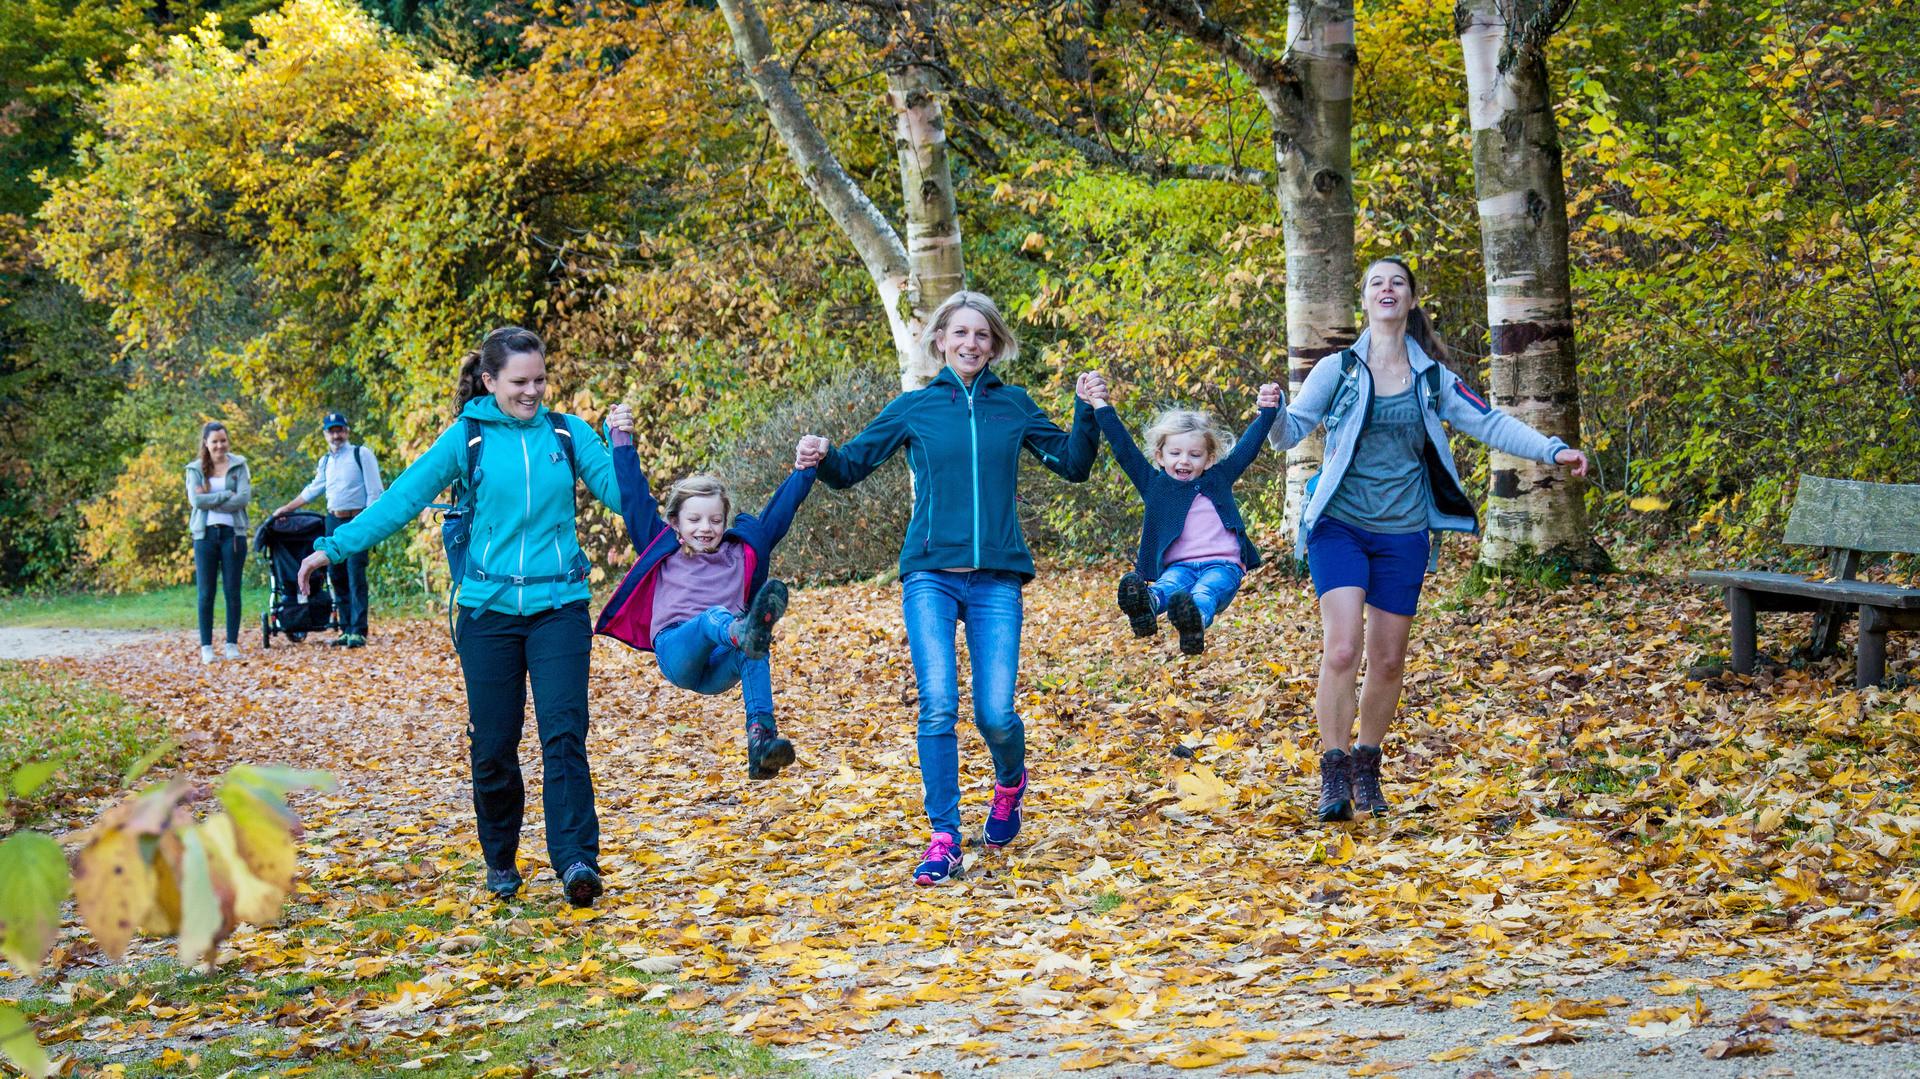 Familienferien im Herbst in Münsingen im Biosphärengebiet Schwäbische Alb.